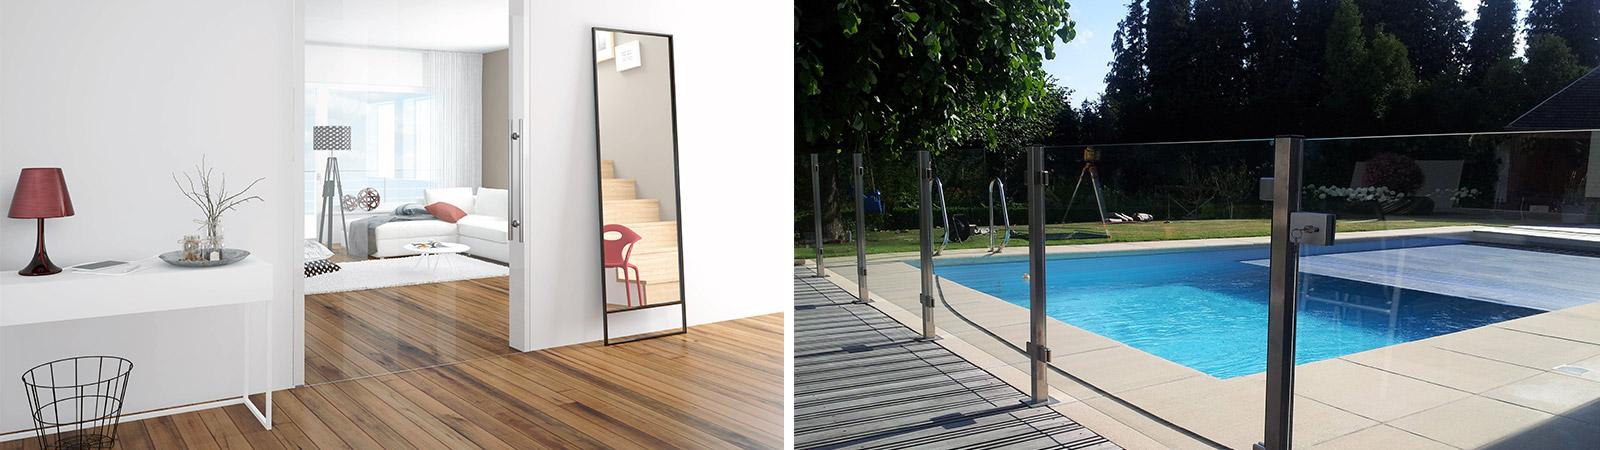 Glazen deur / Glazen balustrade